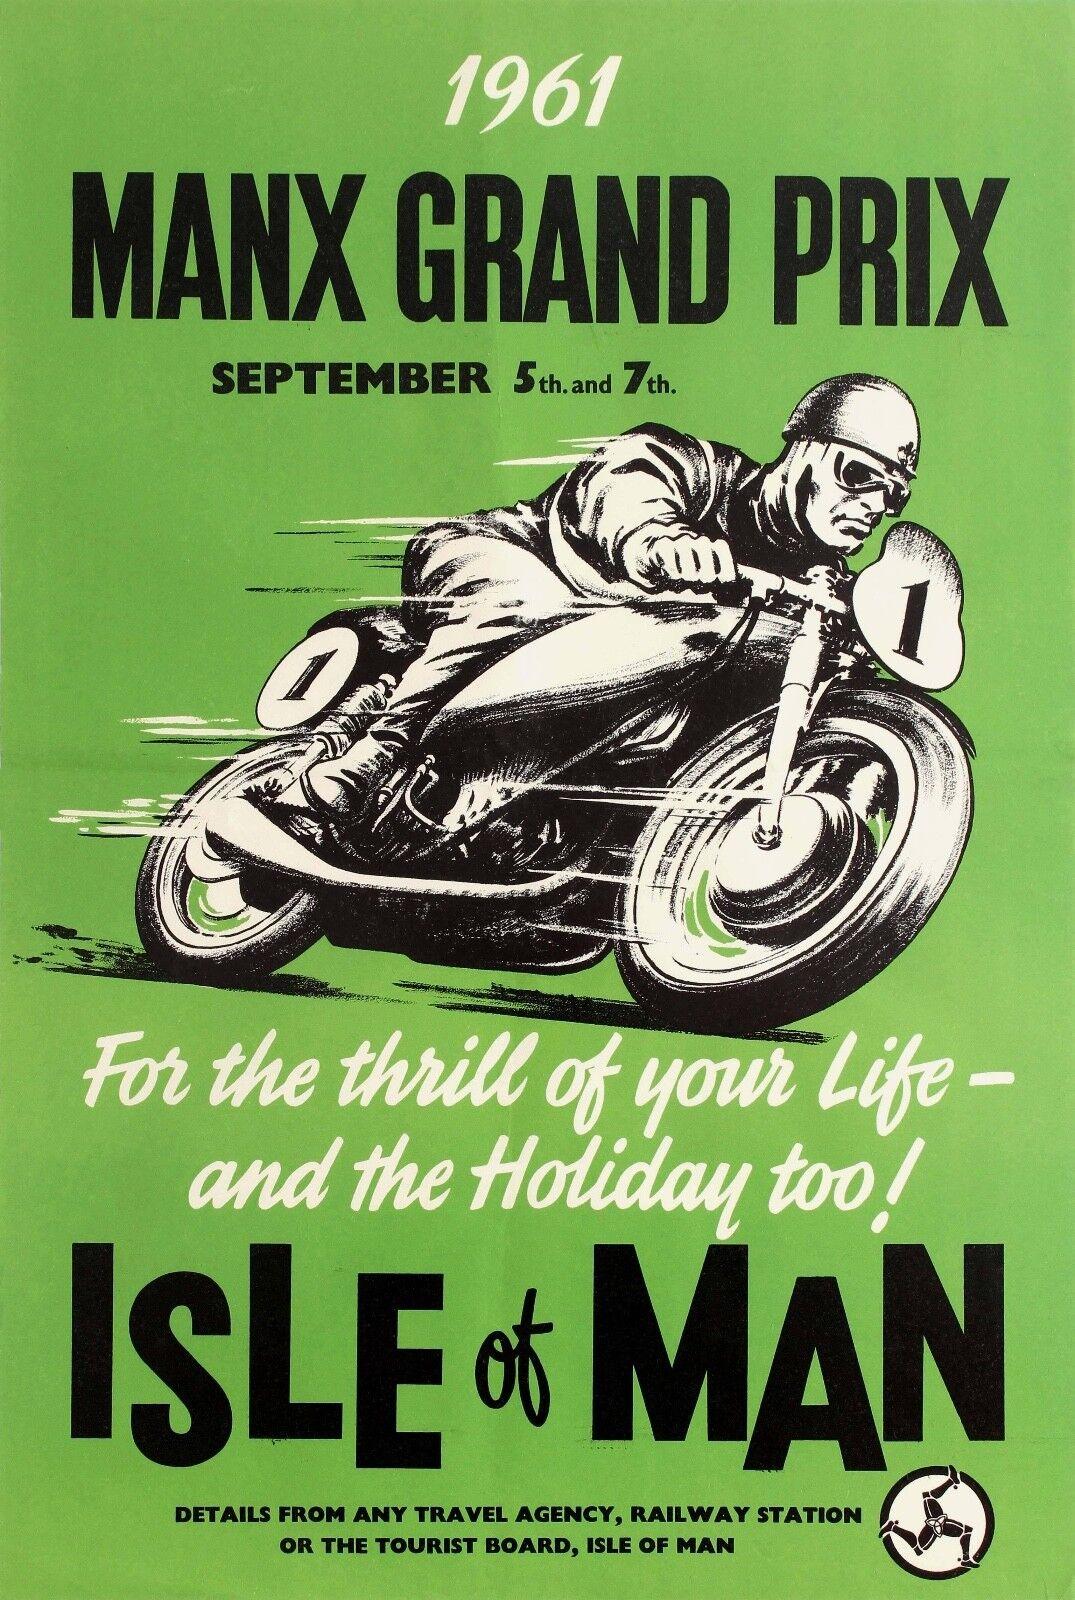 MANX GRAND PRIX (TT) 1961 Vintage Moto Toile/Photo/Art Poster Toile/Photo/Art Moto Imprimé b5e2b2